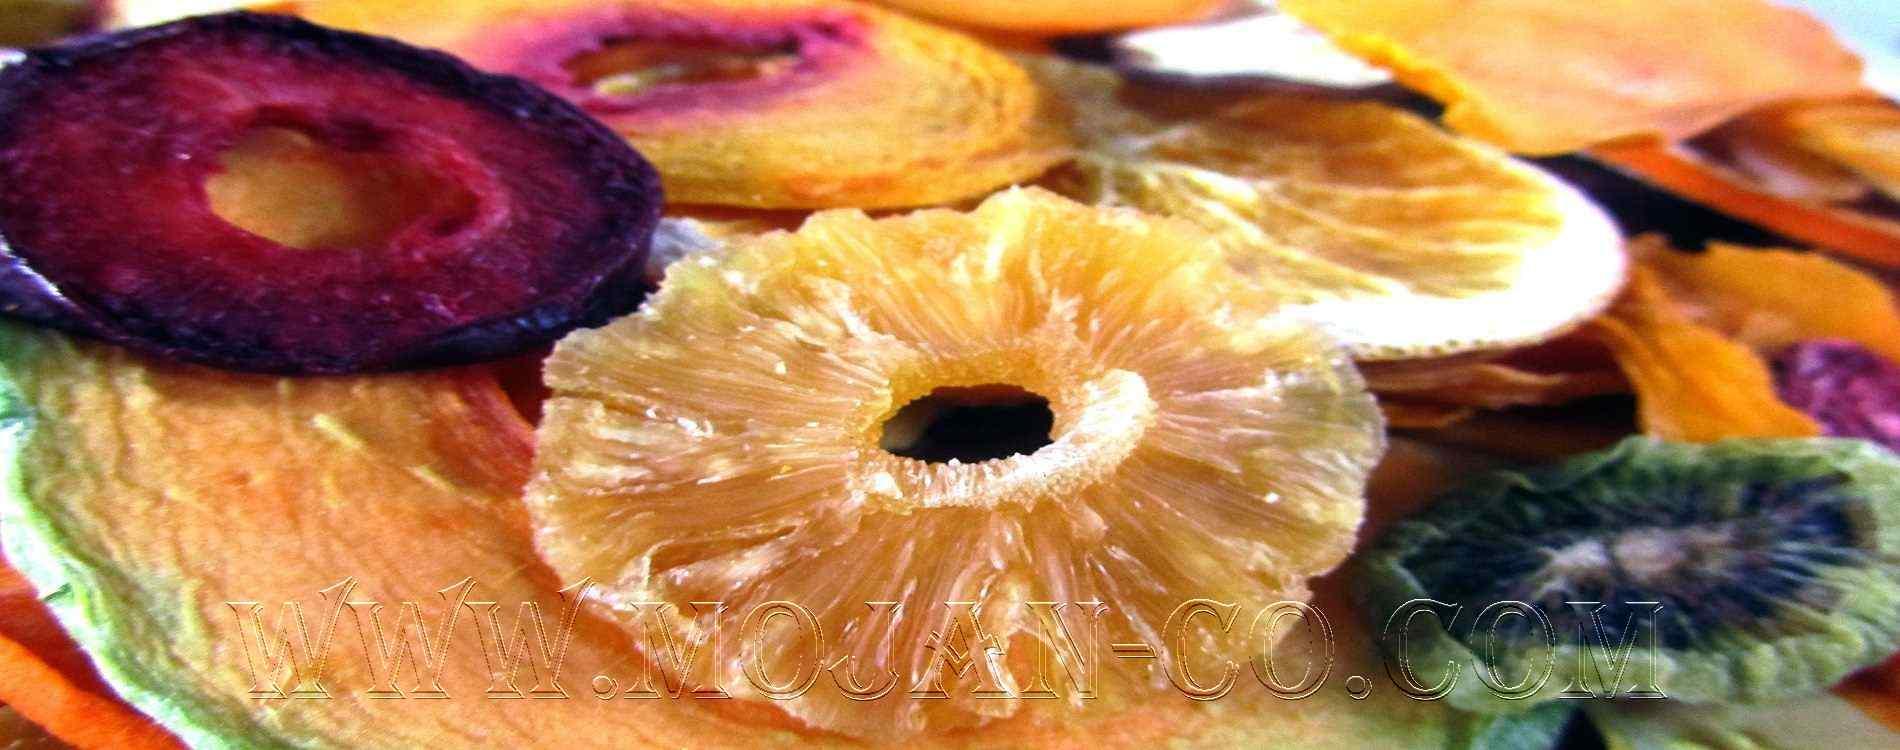 میوه خشک مخلوط موژان